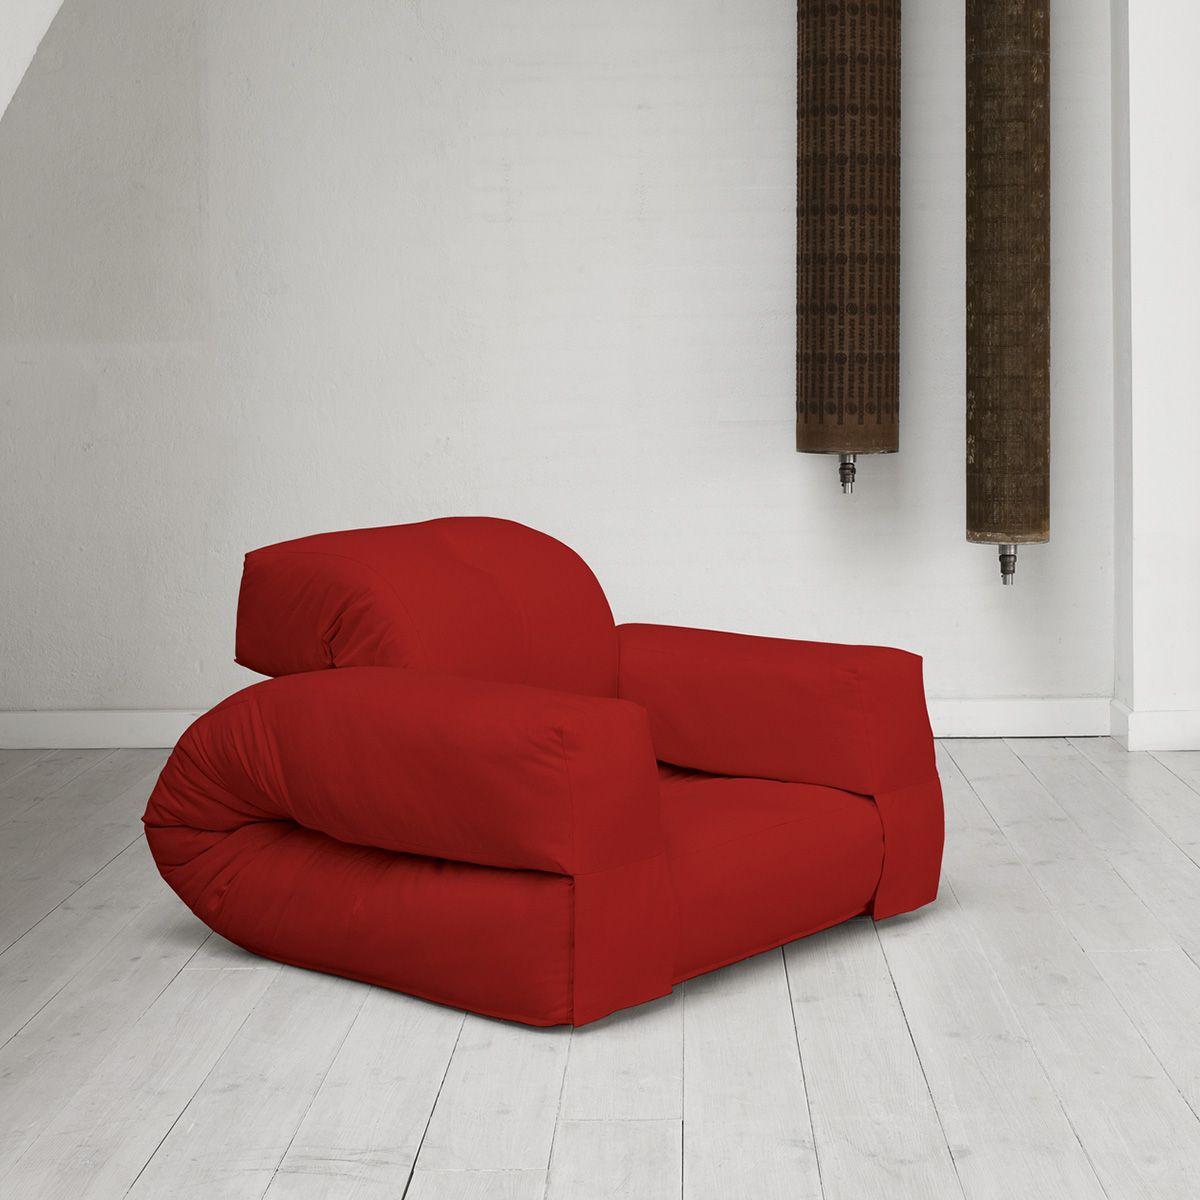 Poltrona letto futon hippo chair karup lettogiapponese com for Poltrona letto matrimoniale